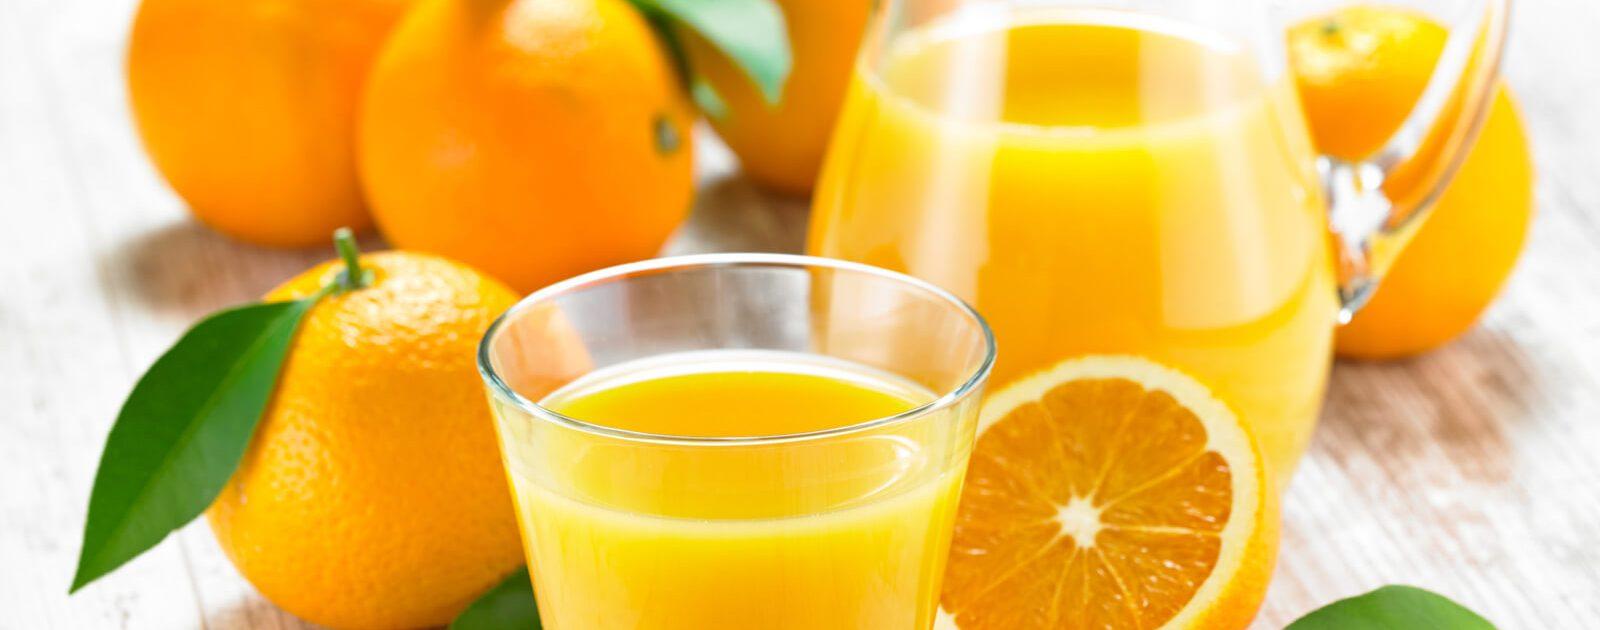 Obst und die darin enthaltenen Vitamine sind gut um die Sehkraft zu verbessern